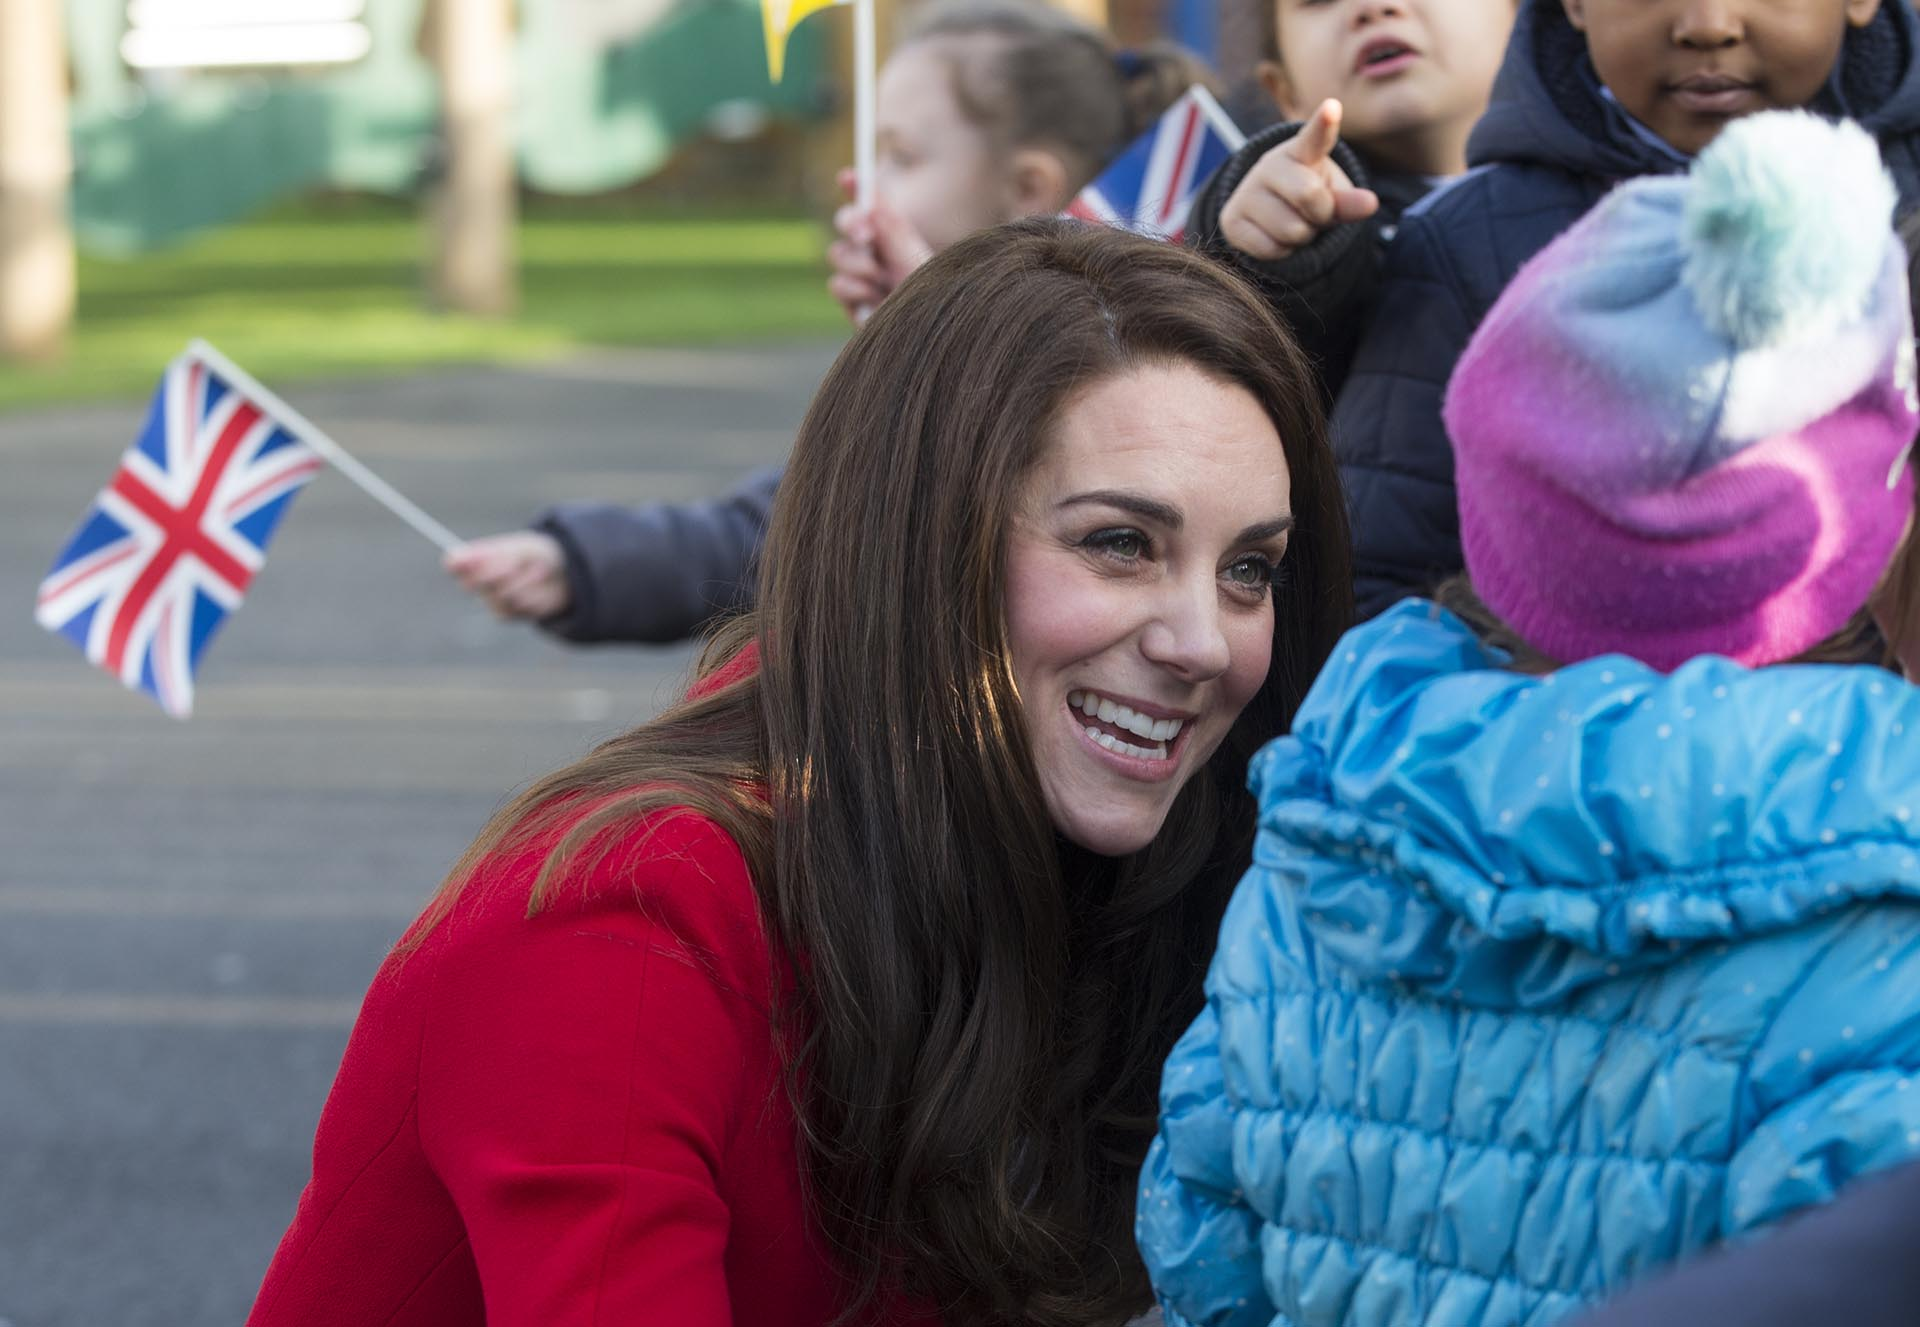 Antes y después de su visita, Catalina se tomó su tiempo para saludar a los pequeños que la esperaban en la entrada del lugar